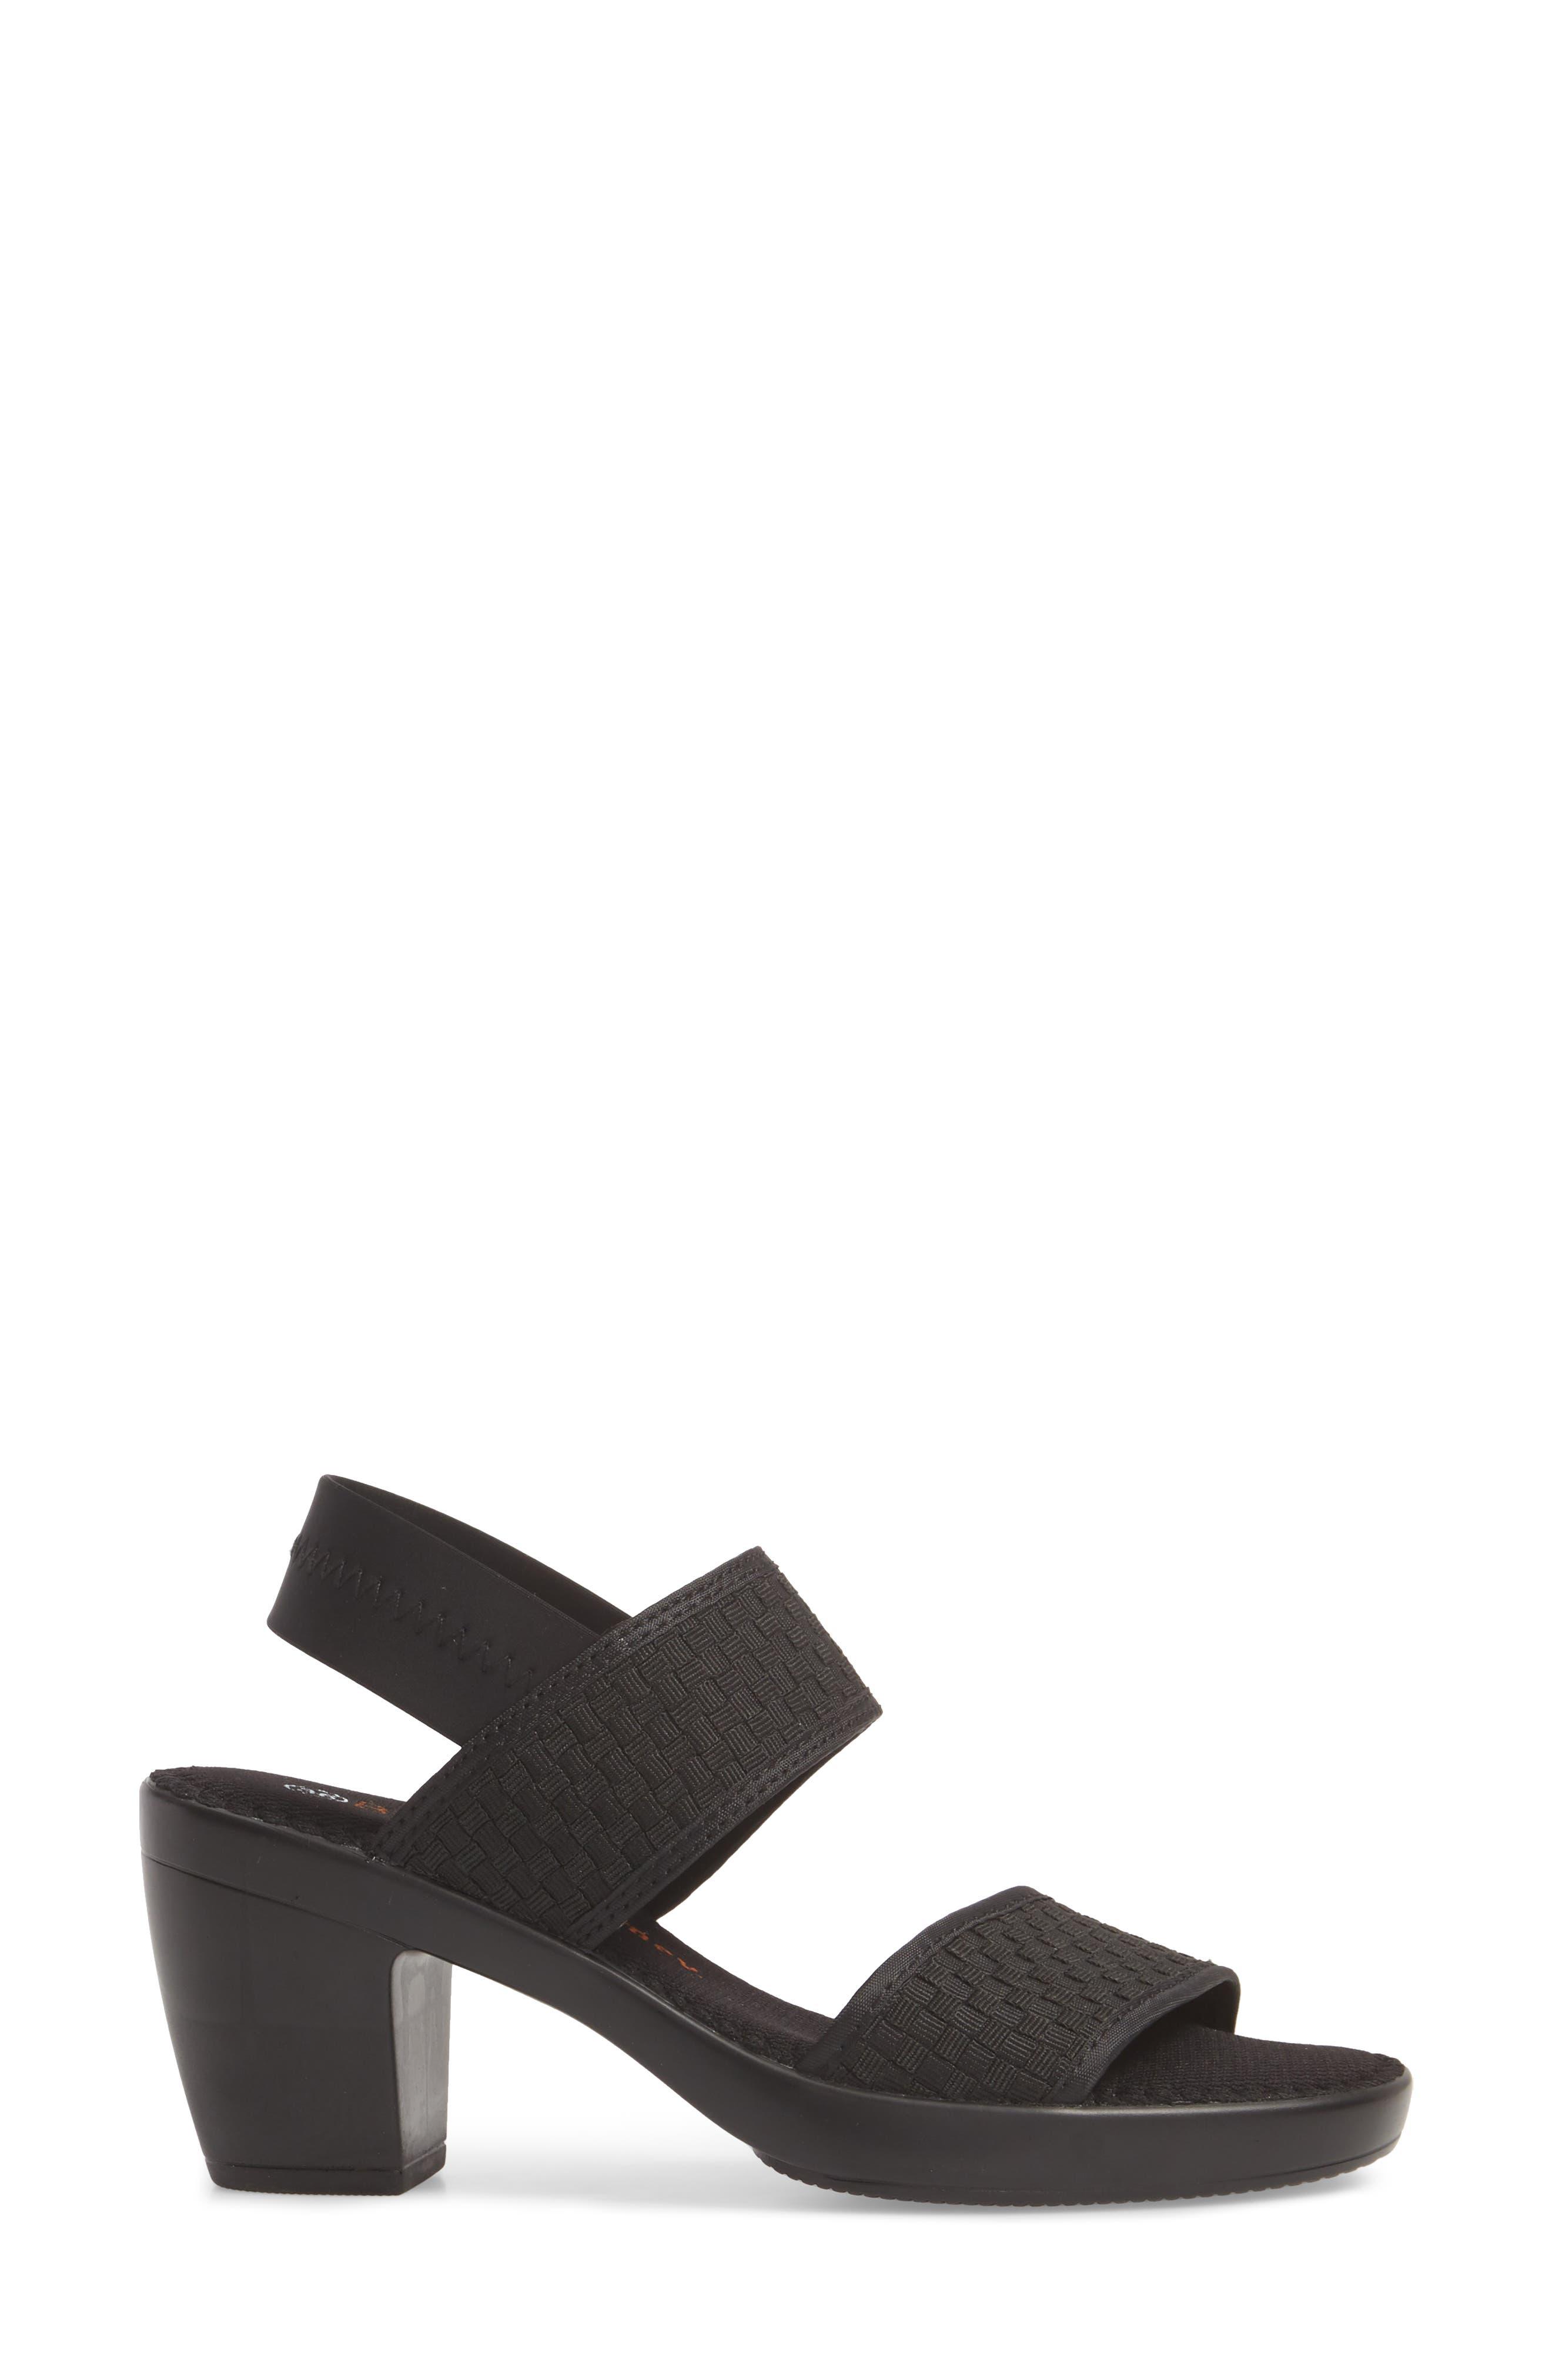 Santorini Sandal,                             Alternate thumbnail 3, color,                             BLACK FABRIC